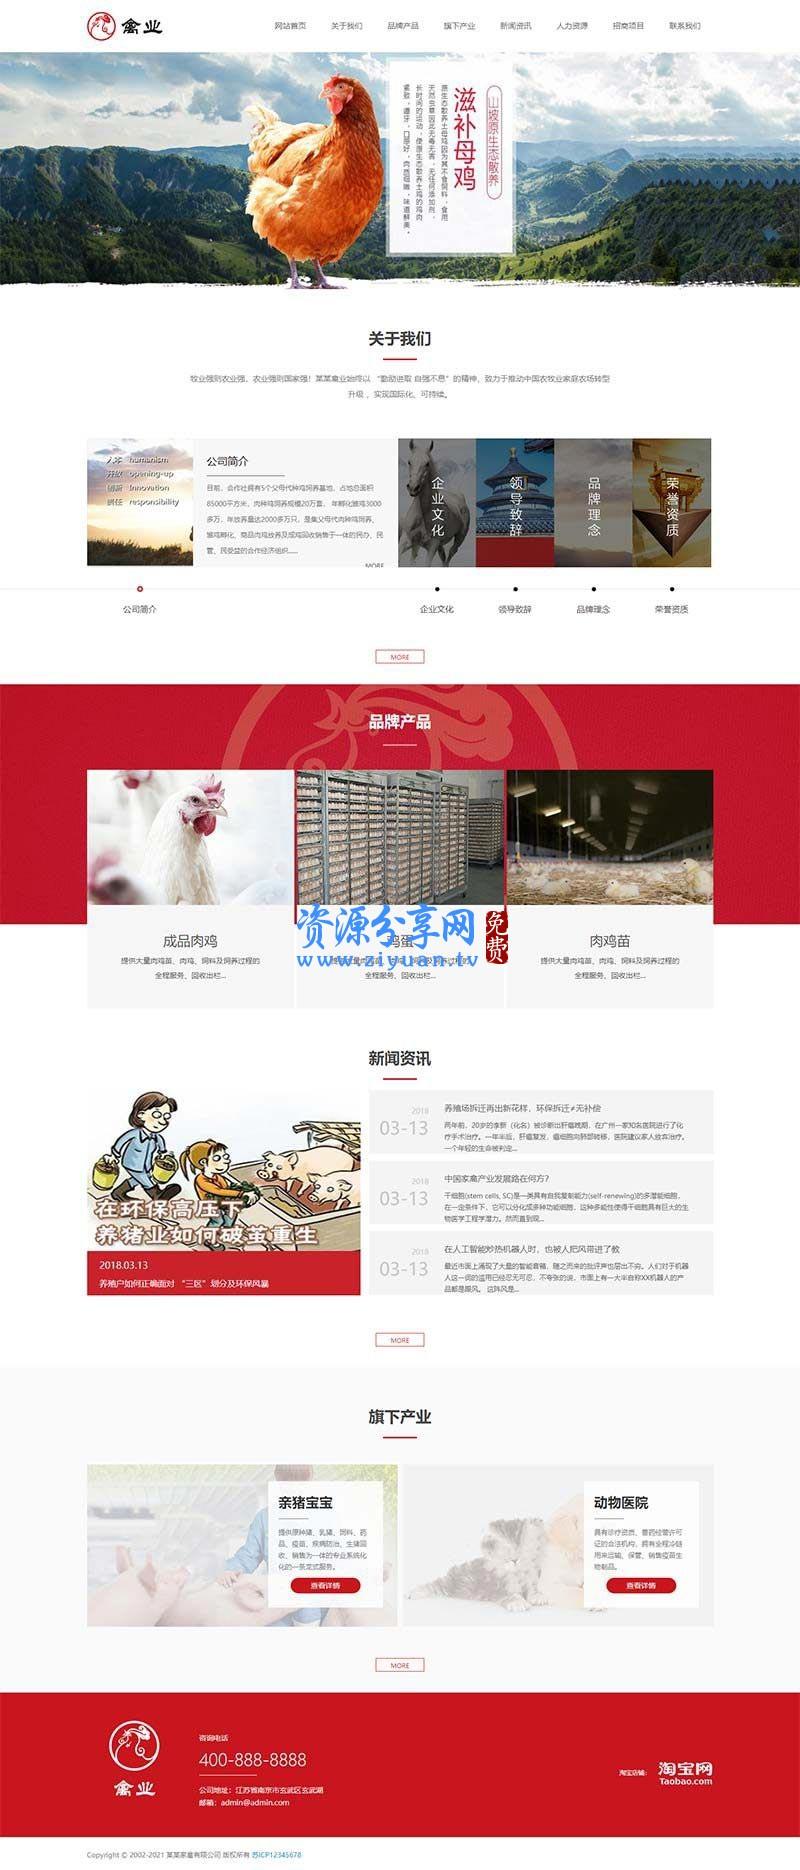 家禽饲养基地类网站织梦模板 响应式养殖企业网站模板下载